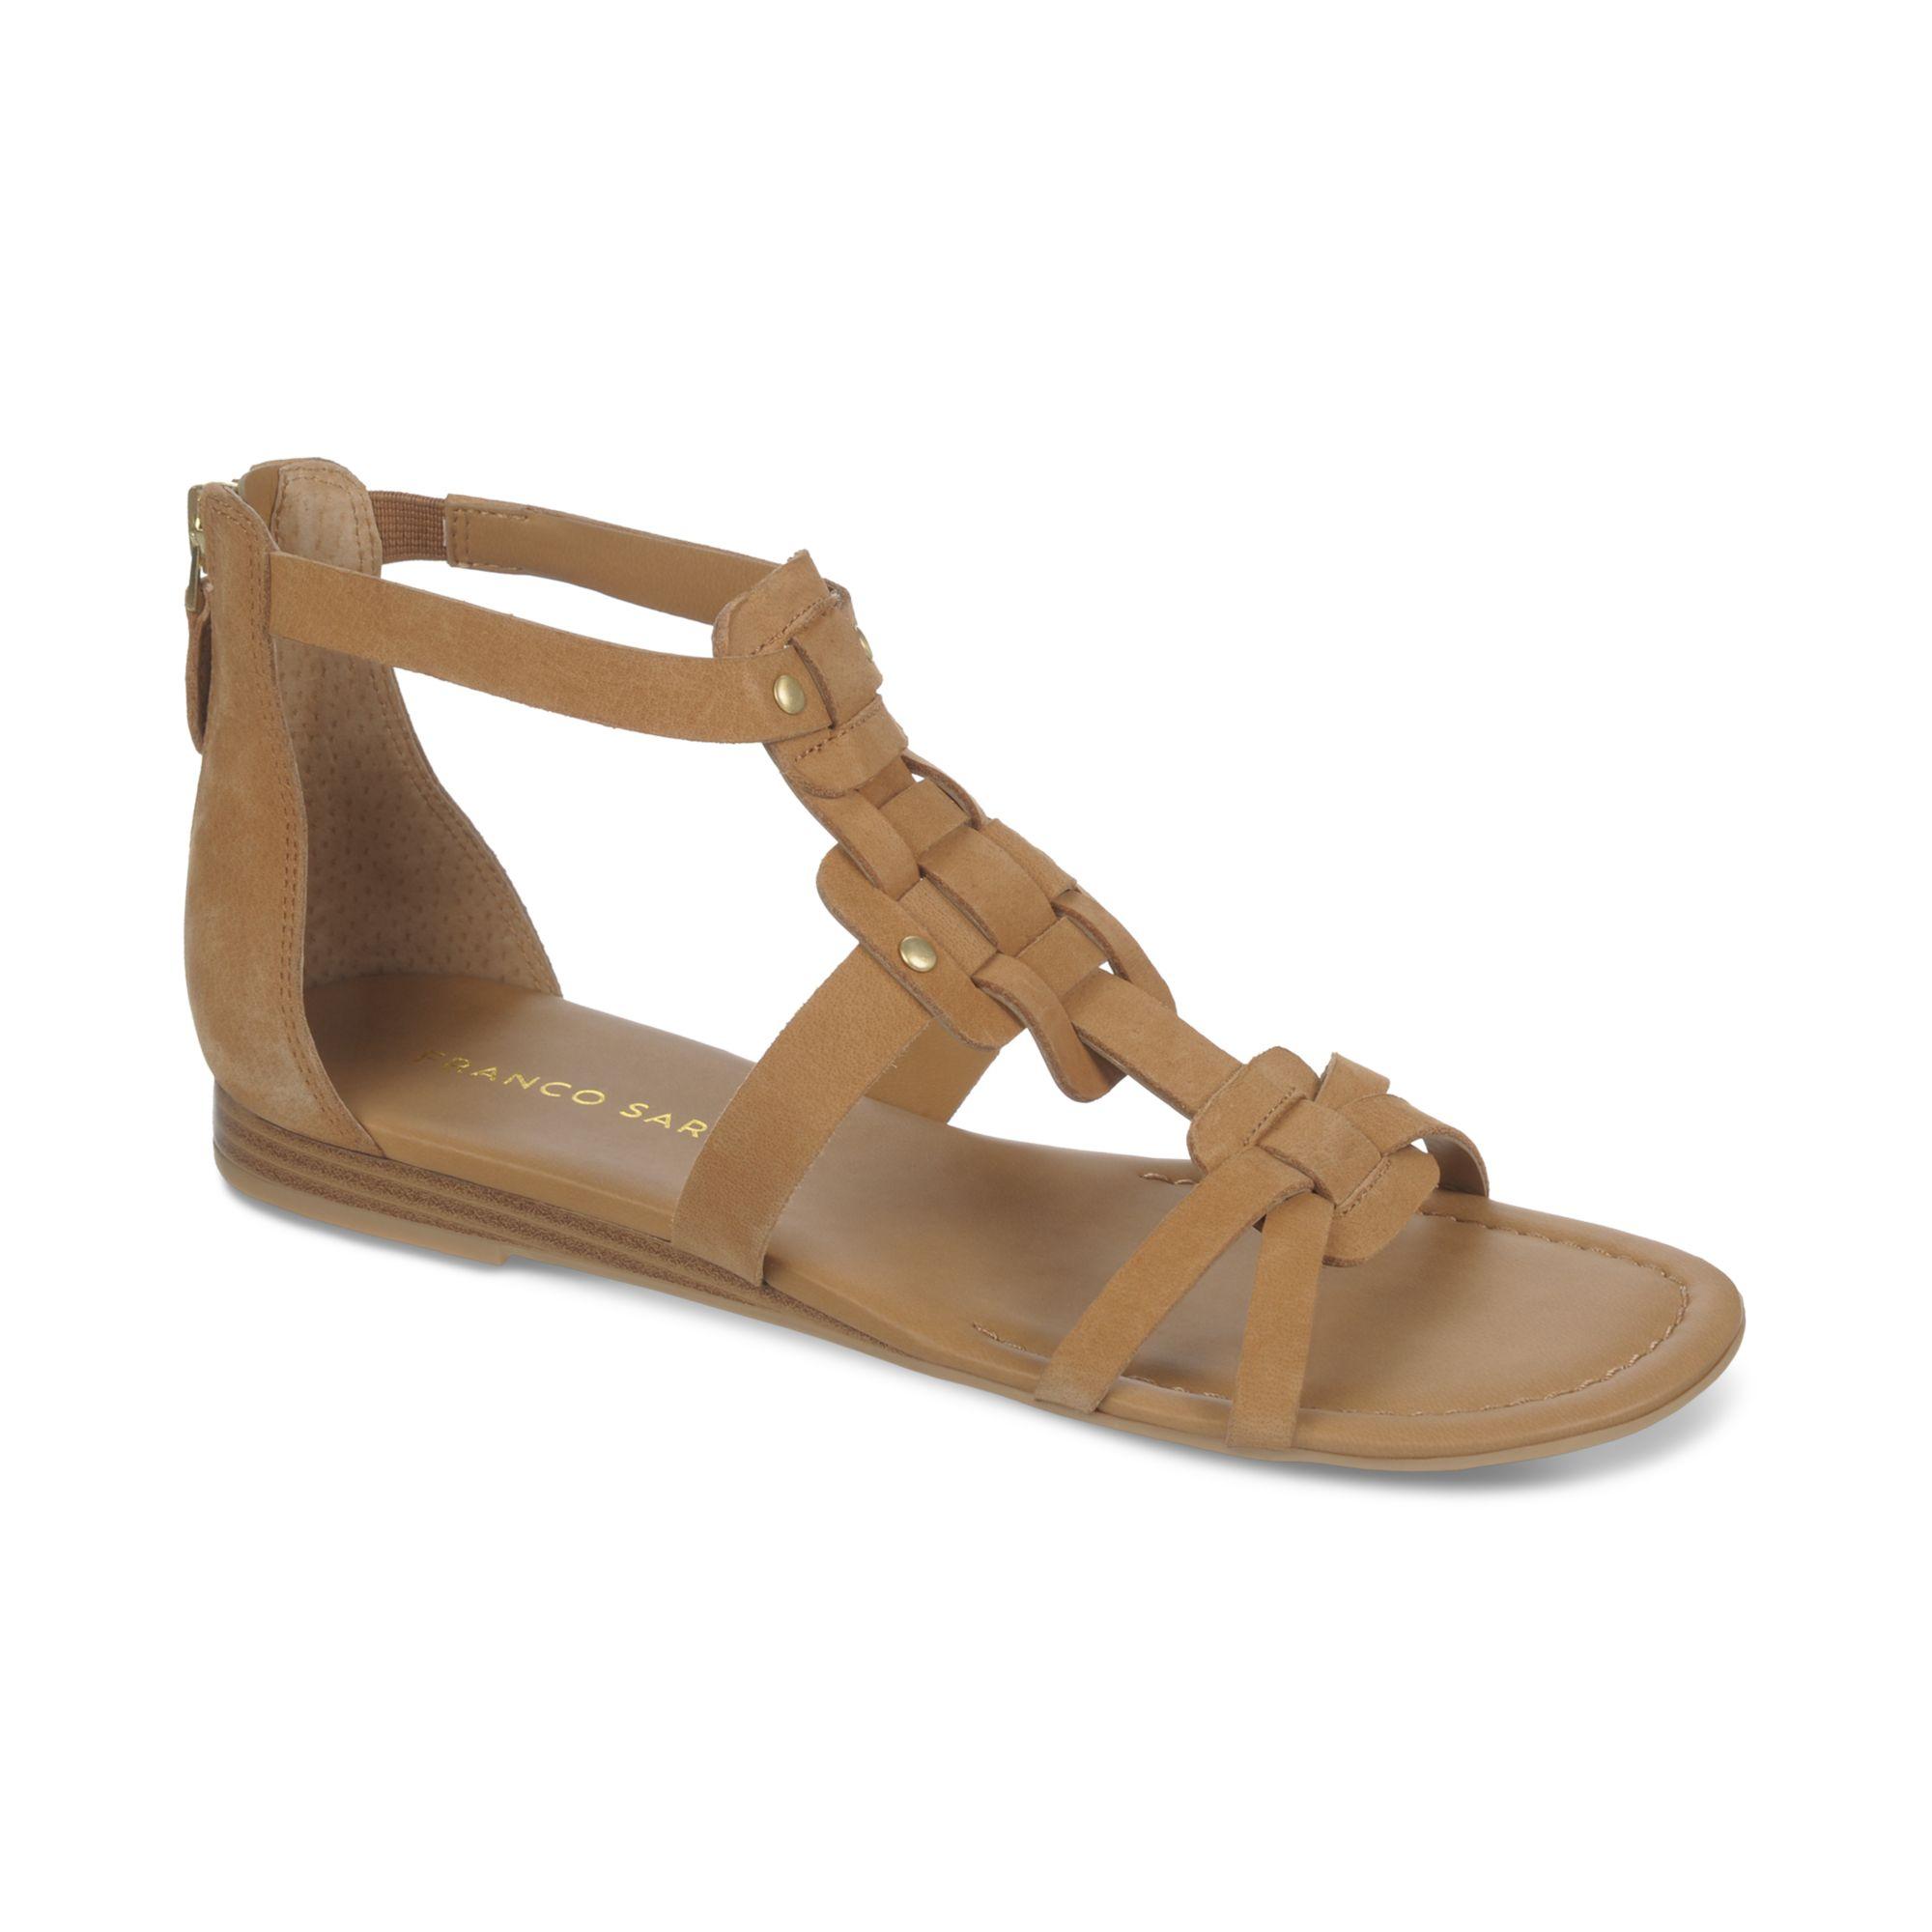 Franco Sarto Glare Mini Wedge Gladiator Sandals In Natural